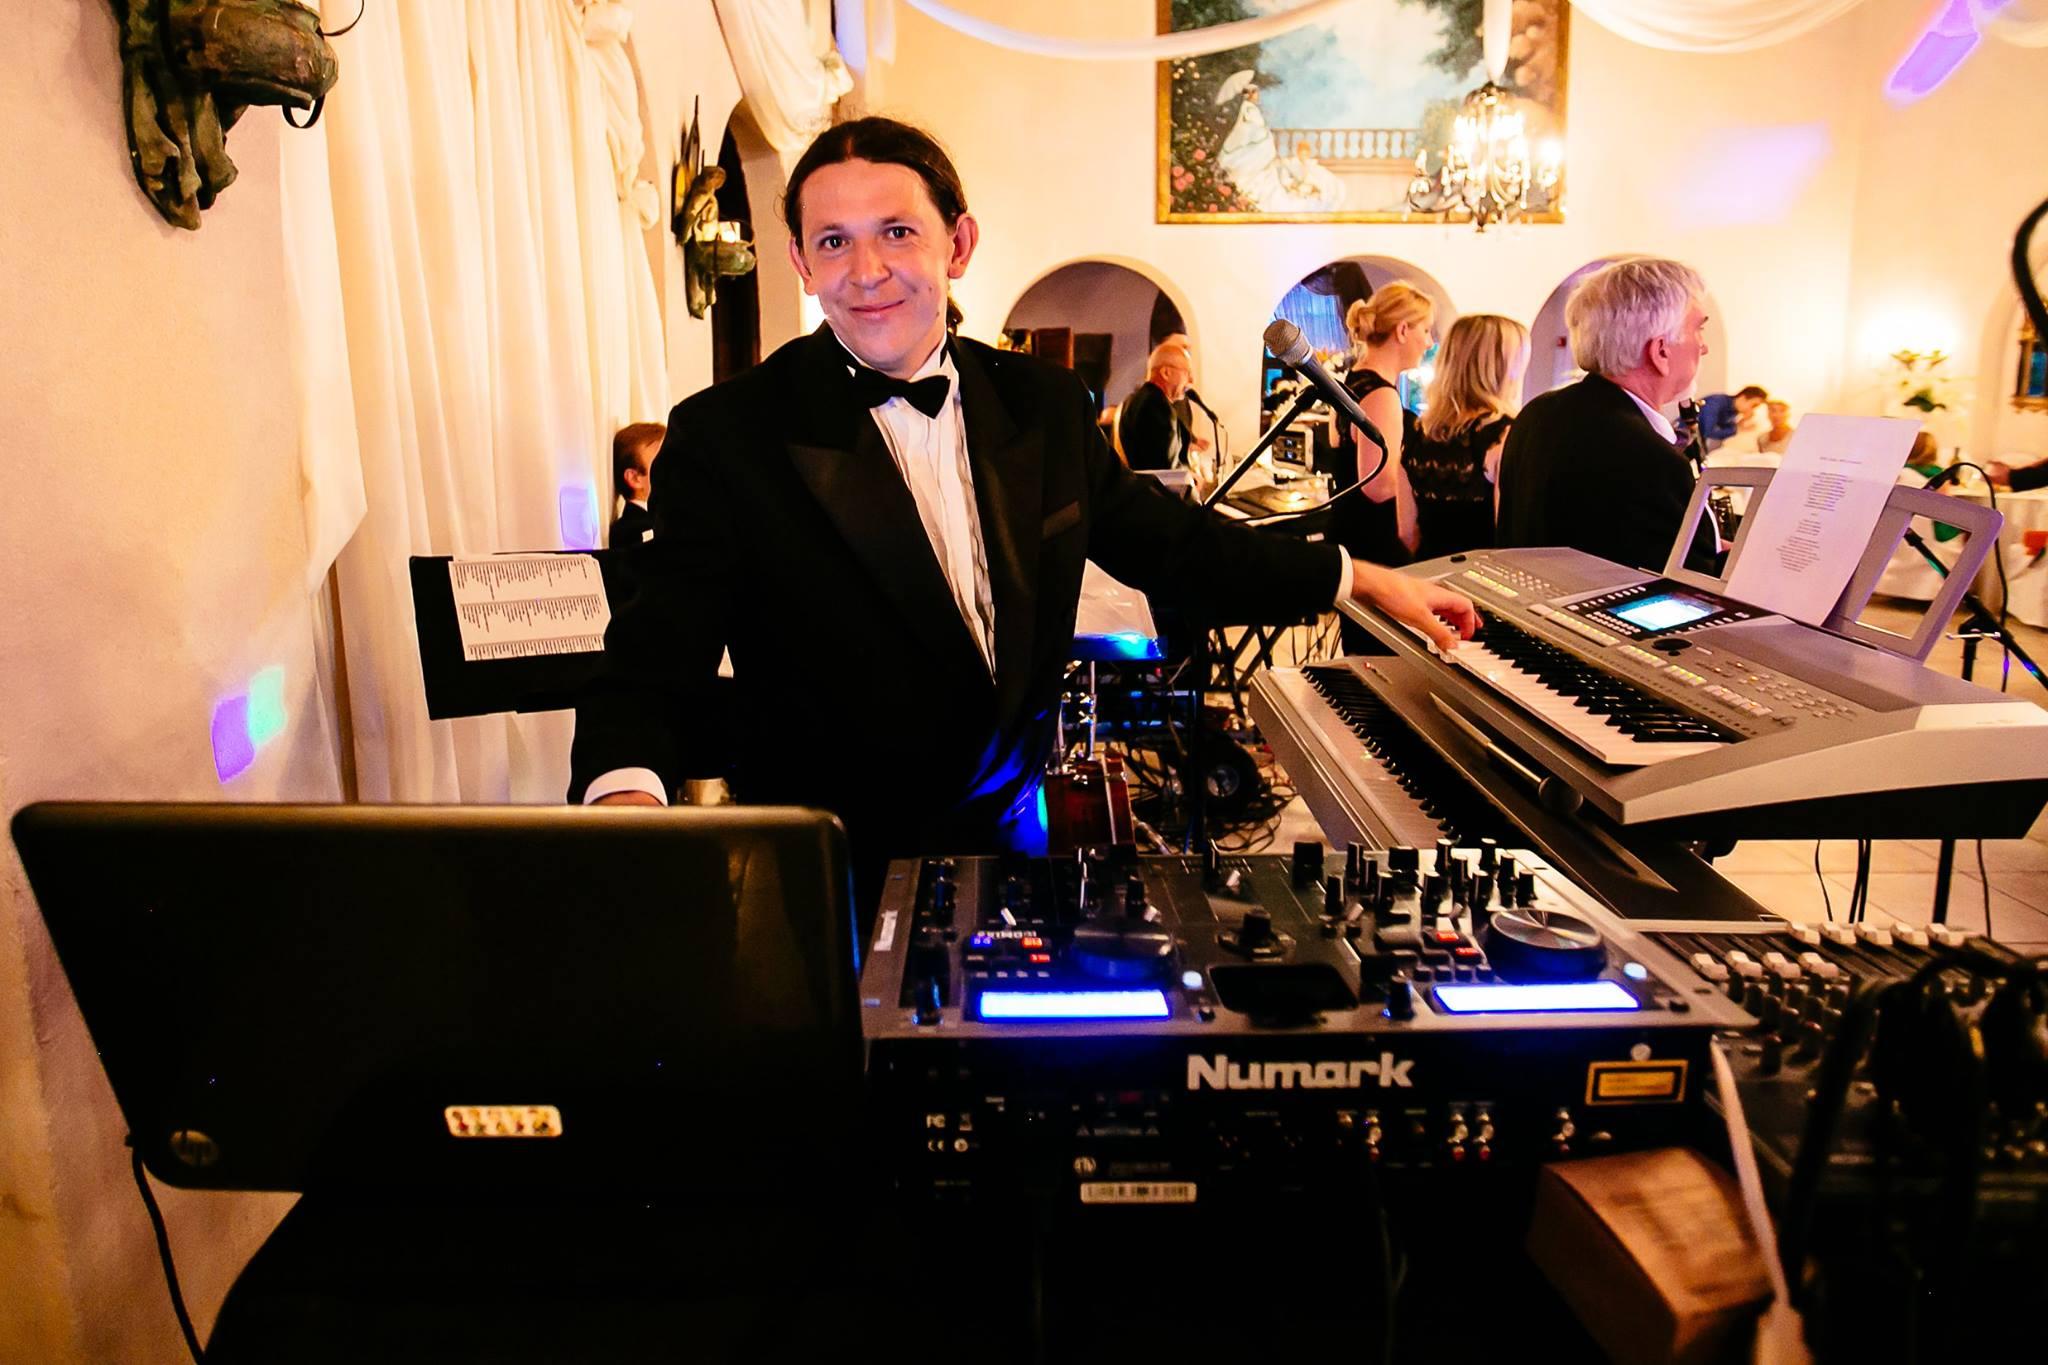 Polski DJ w NY, NJ, PA na wesele, komunię...